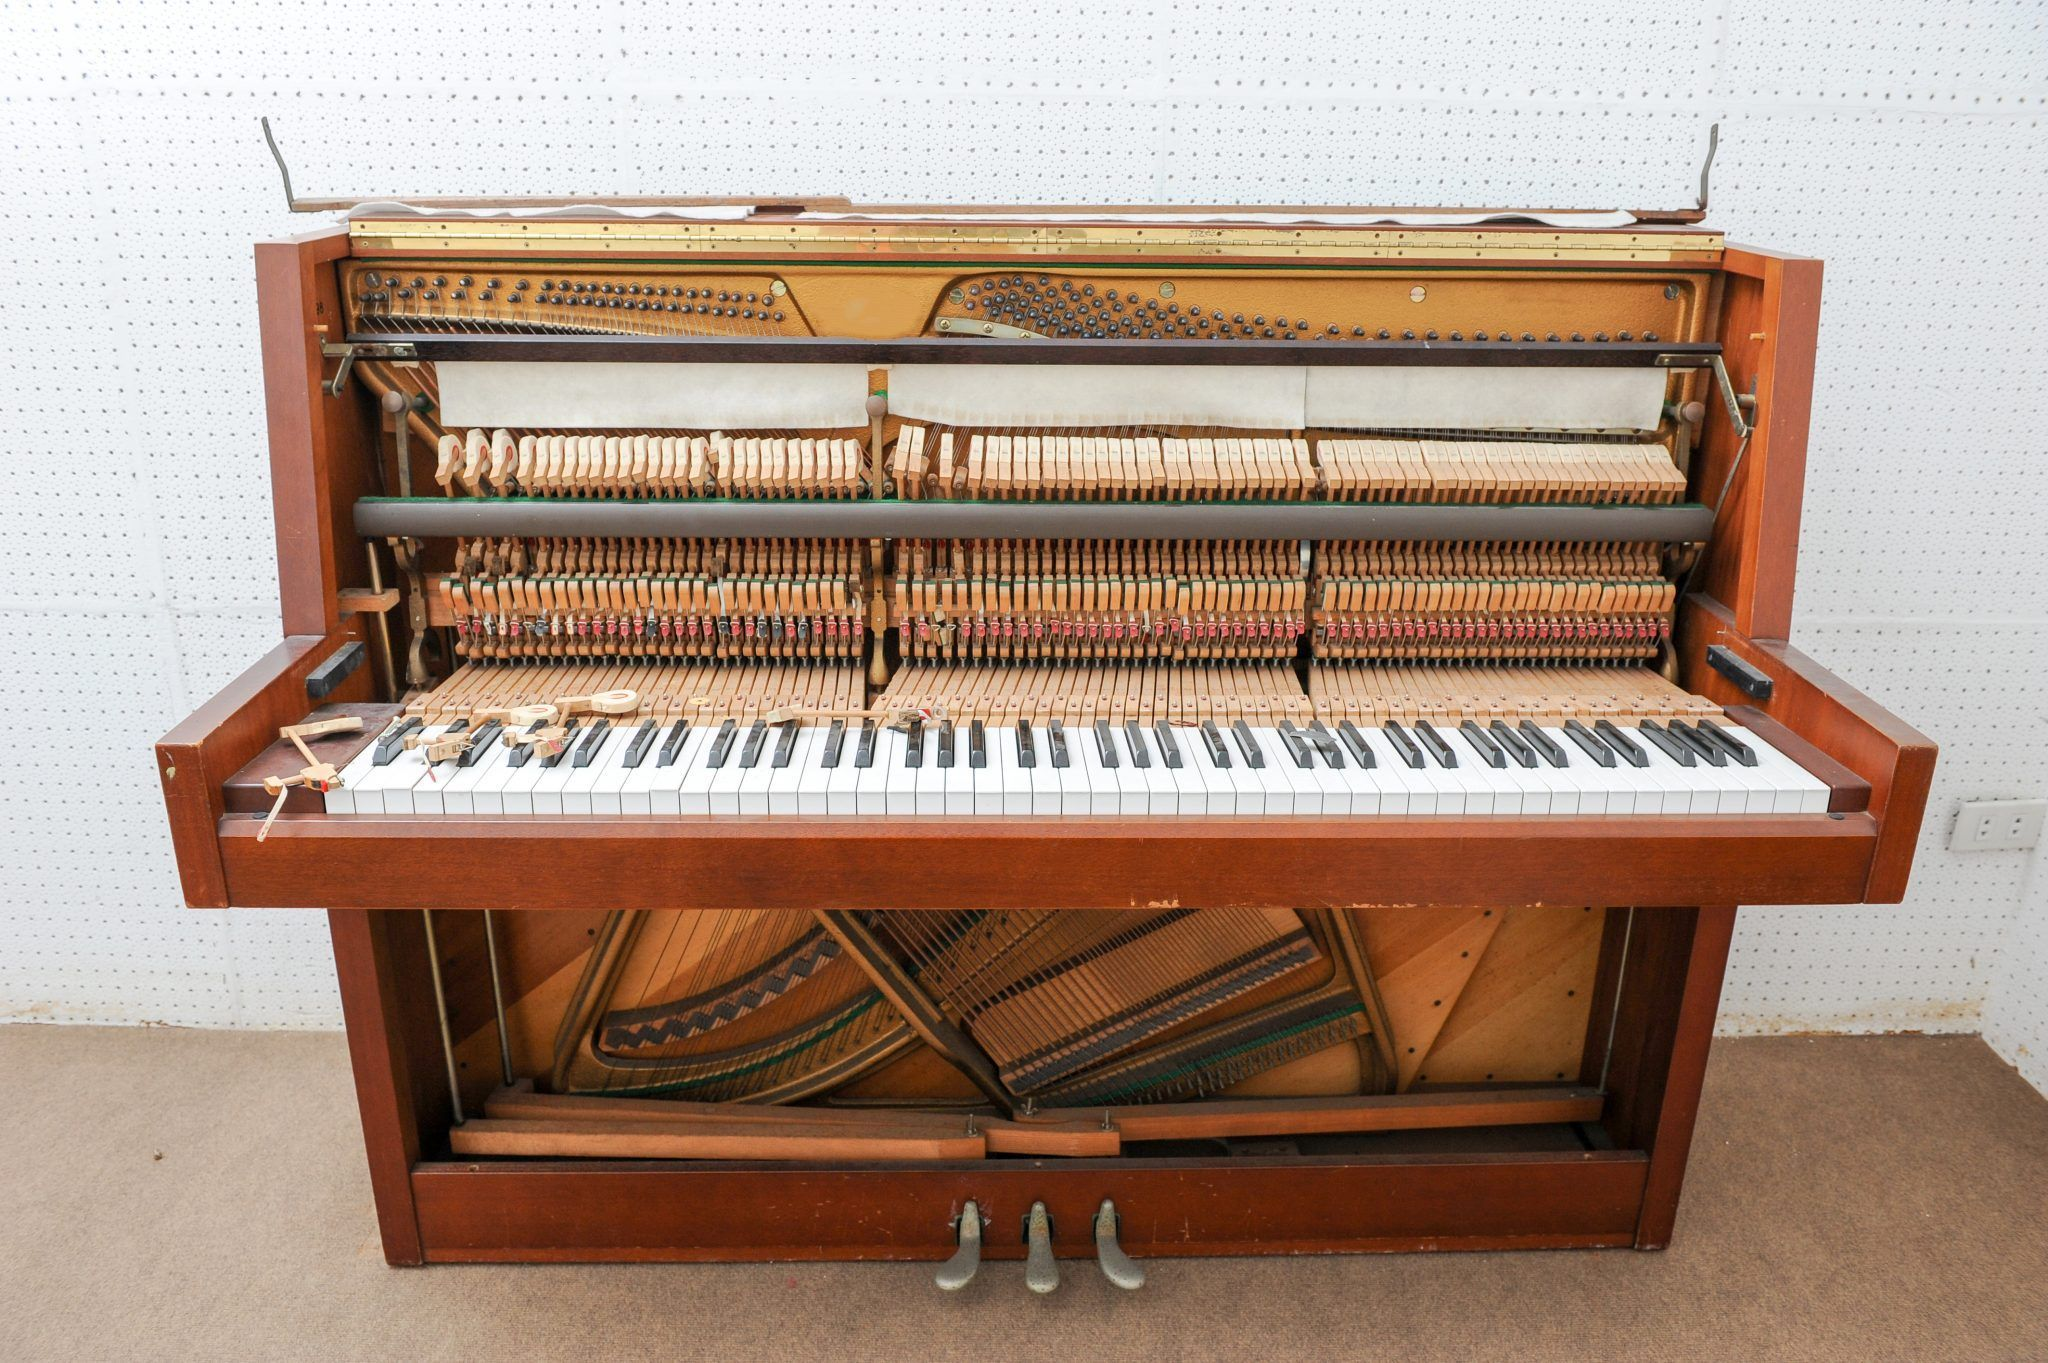 interior of piano